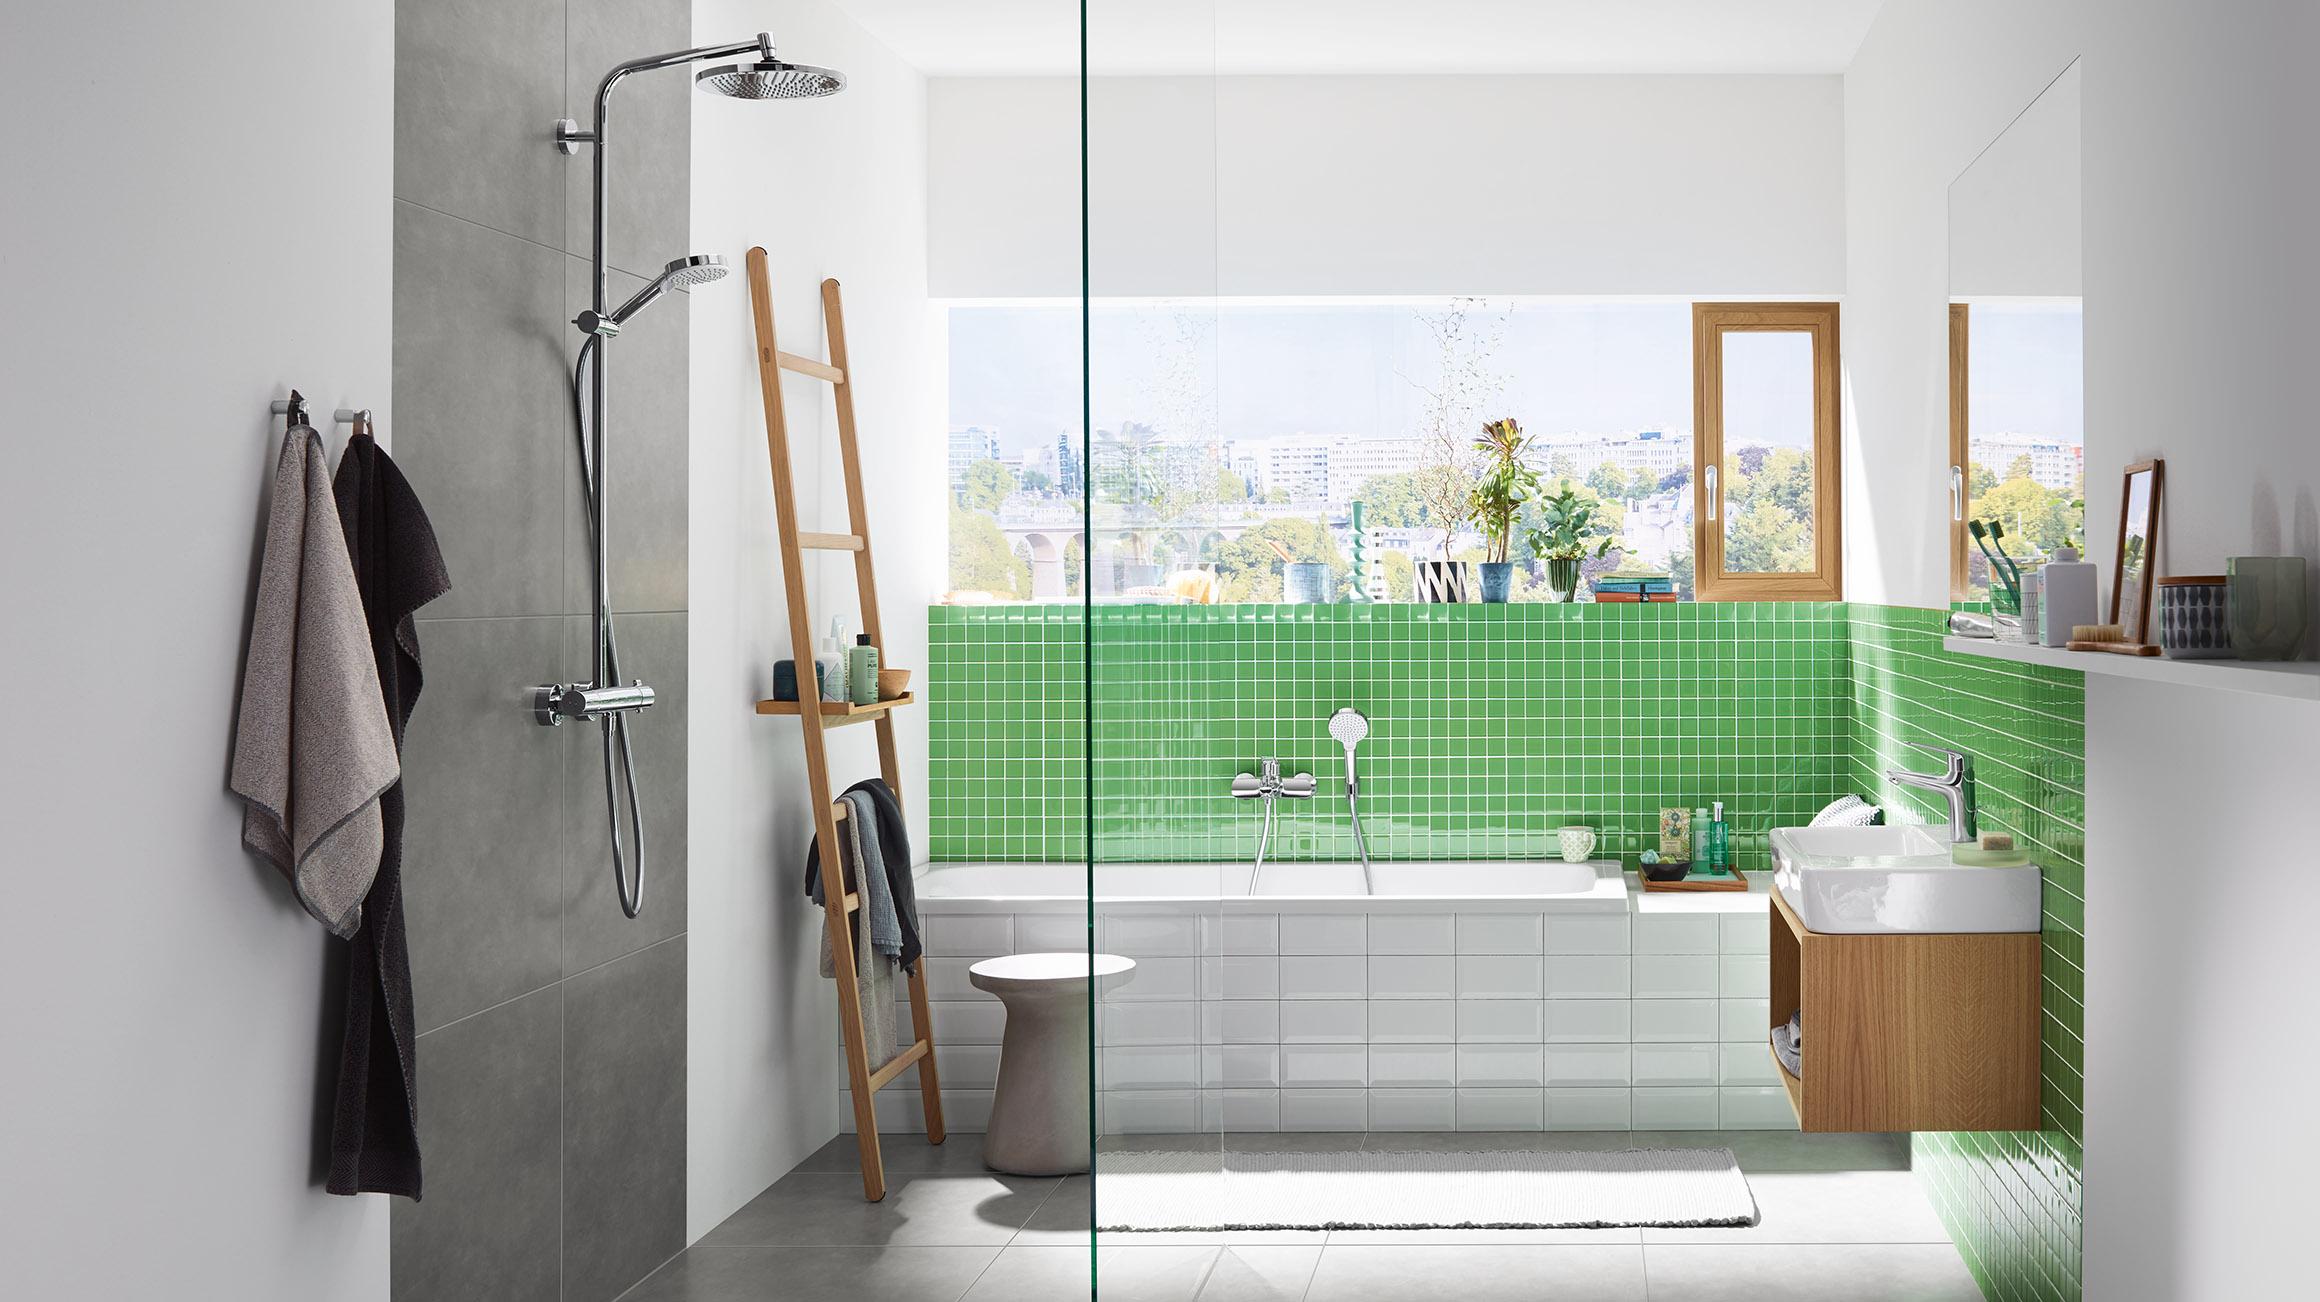 Grote Frisse Badkamer : De eerste eigen badkamer inrichten u met een fris interieur